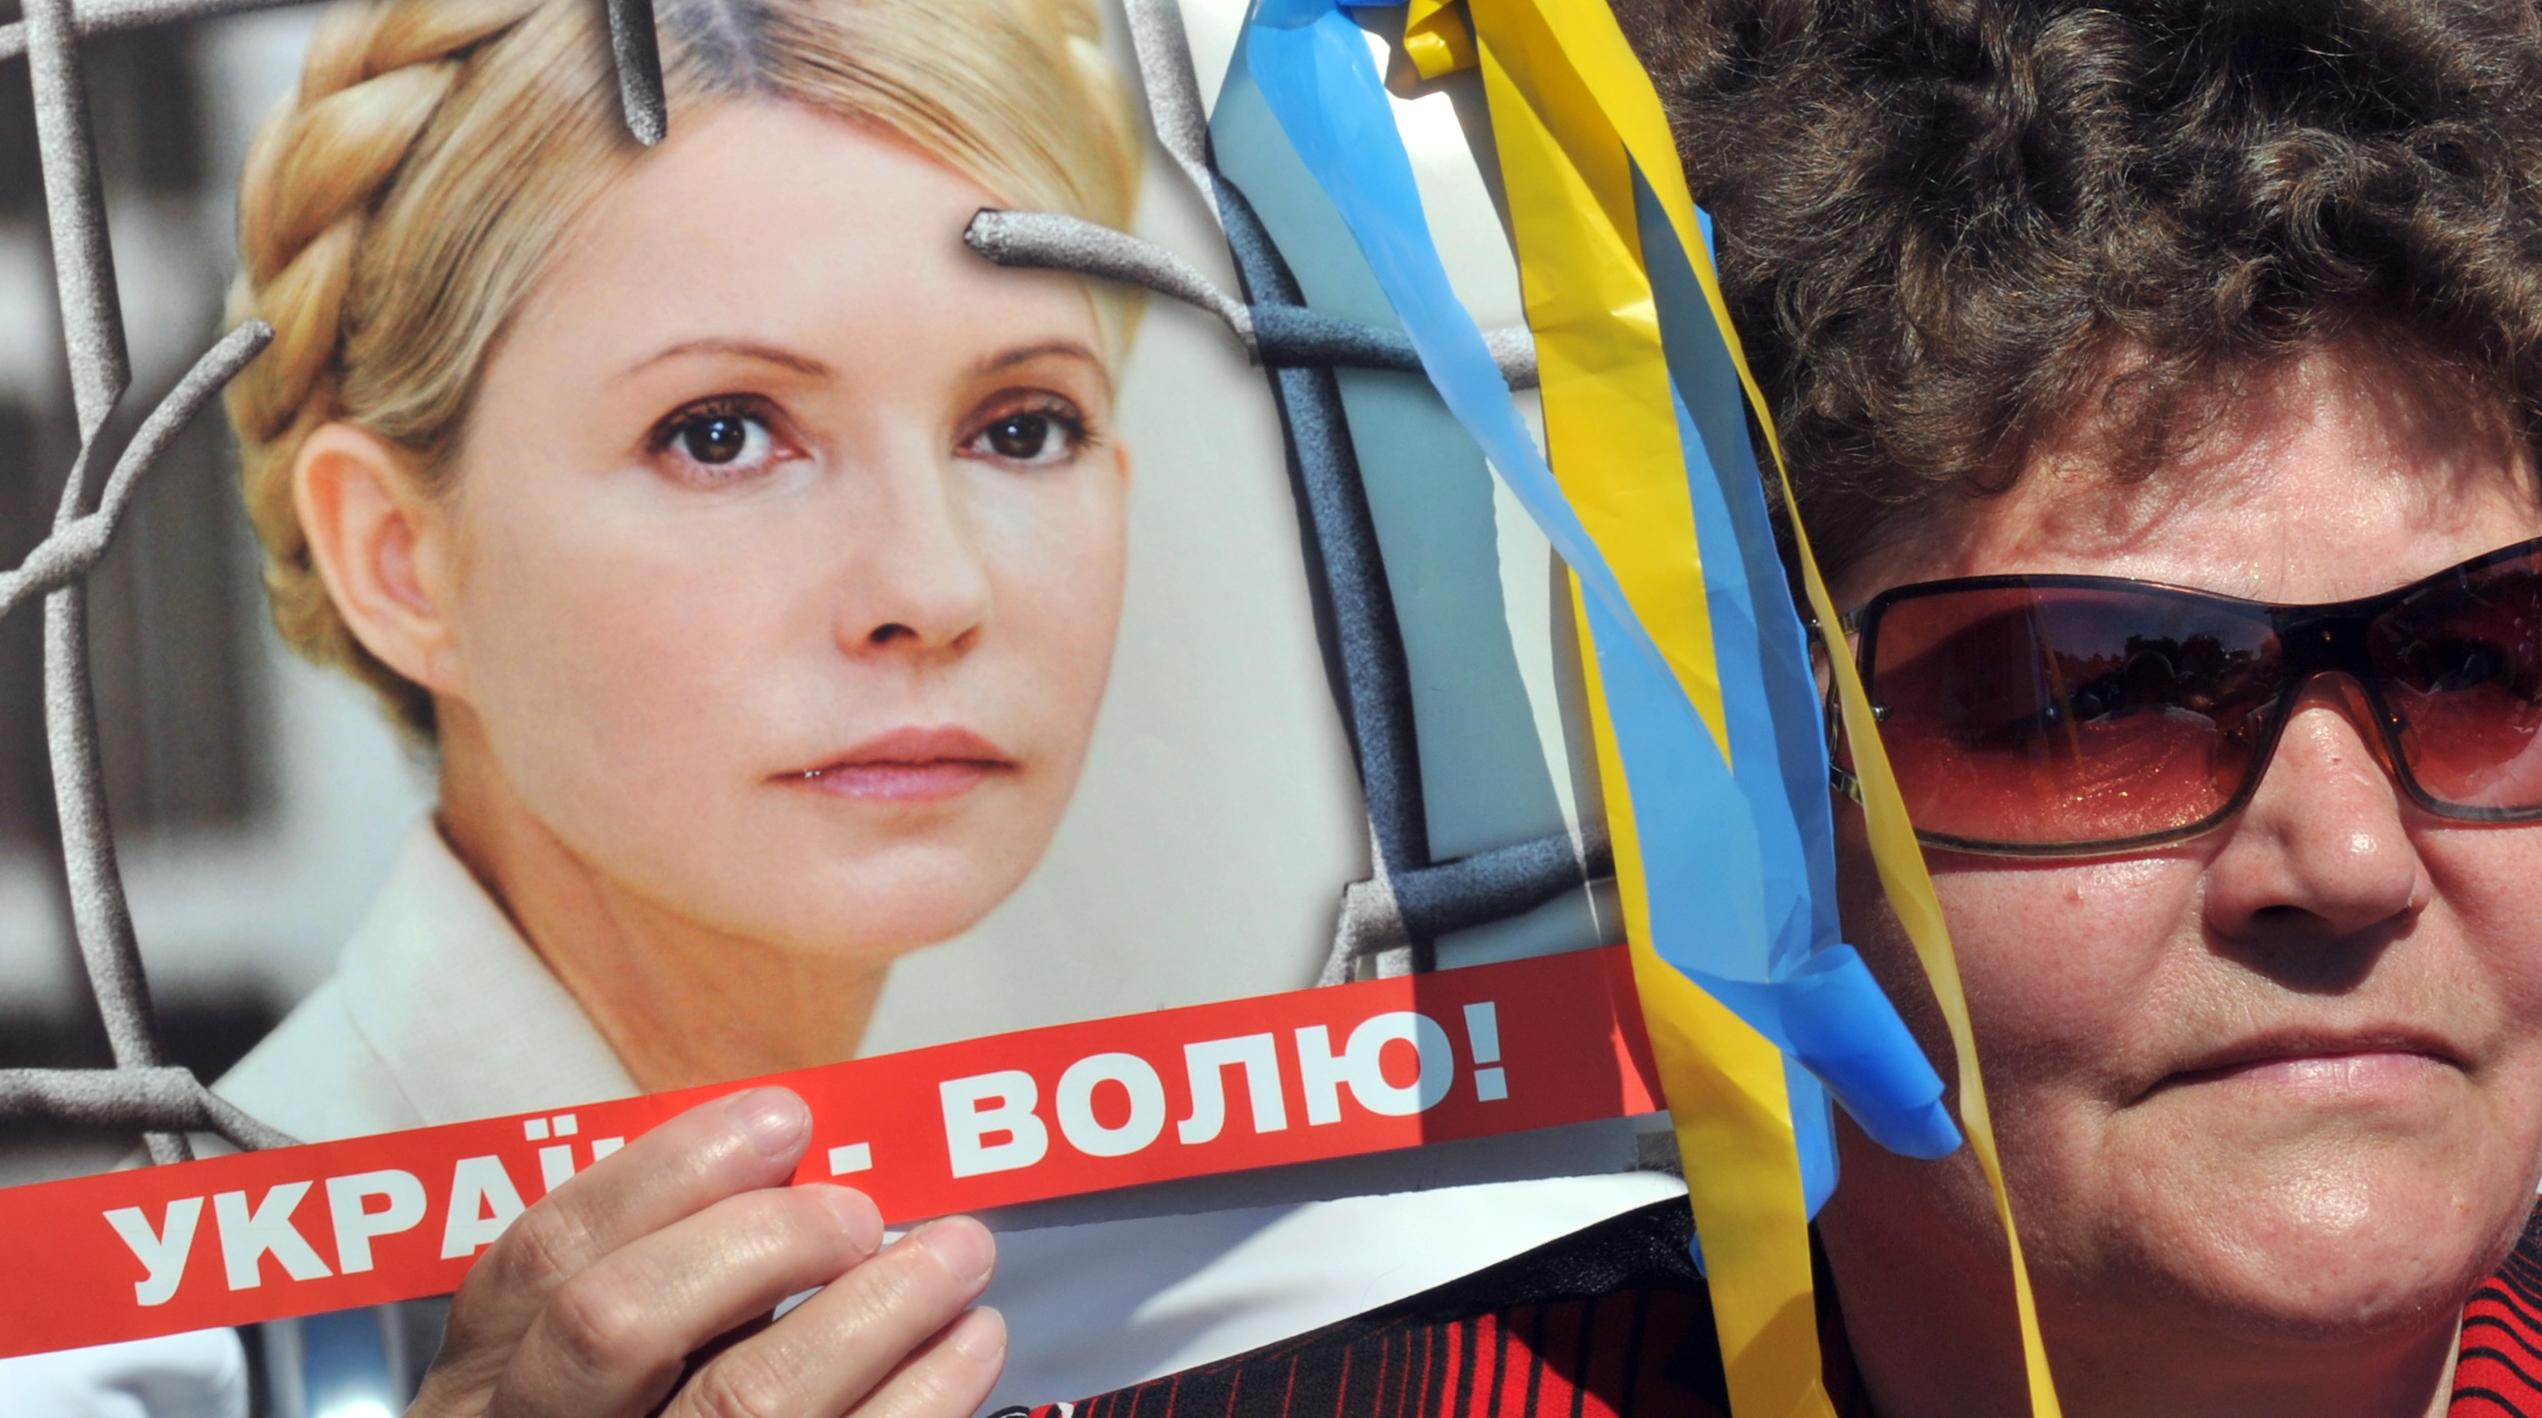 144240737 - В Харькове начался суд над Юлией Тимошенко